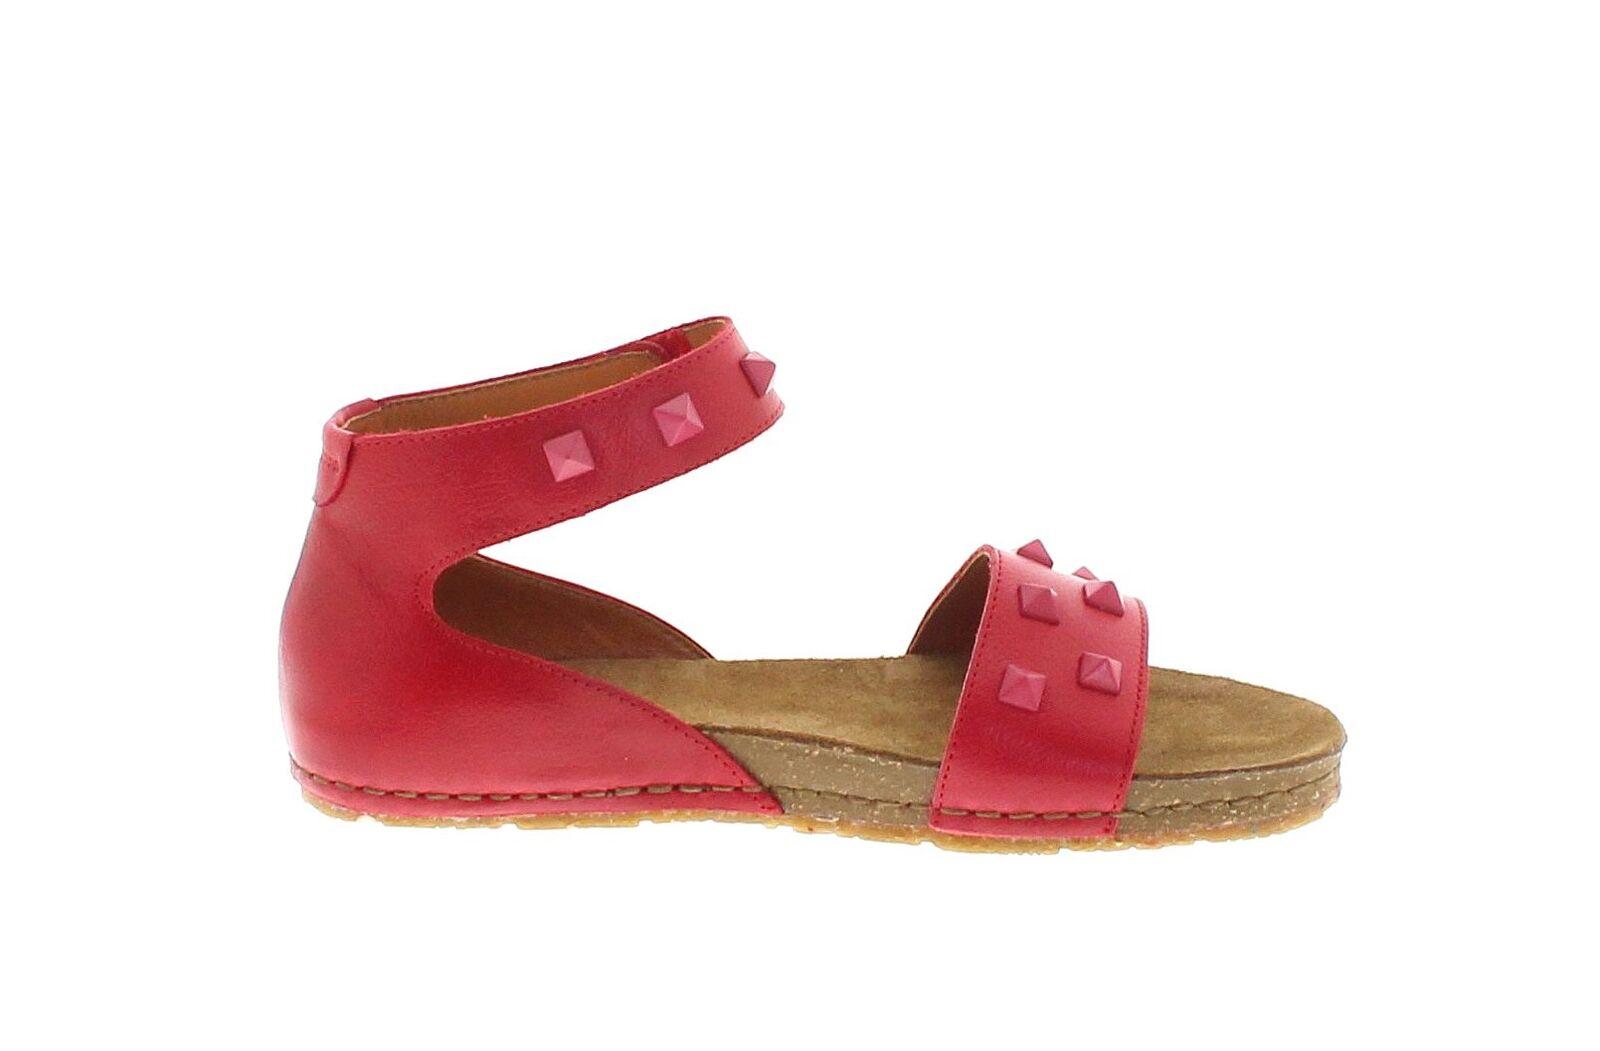 ... Tipo 1251a Creta Carmin cuero sandalia para señora rojo zapatos de  verano ... c9f635857ea